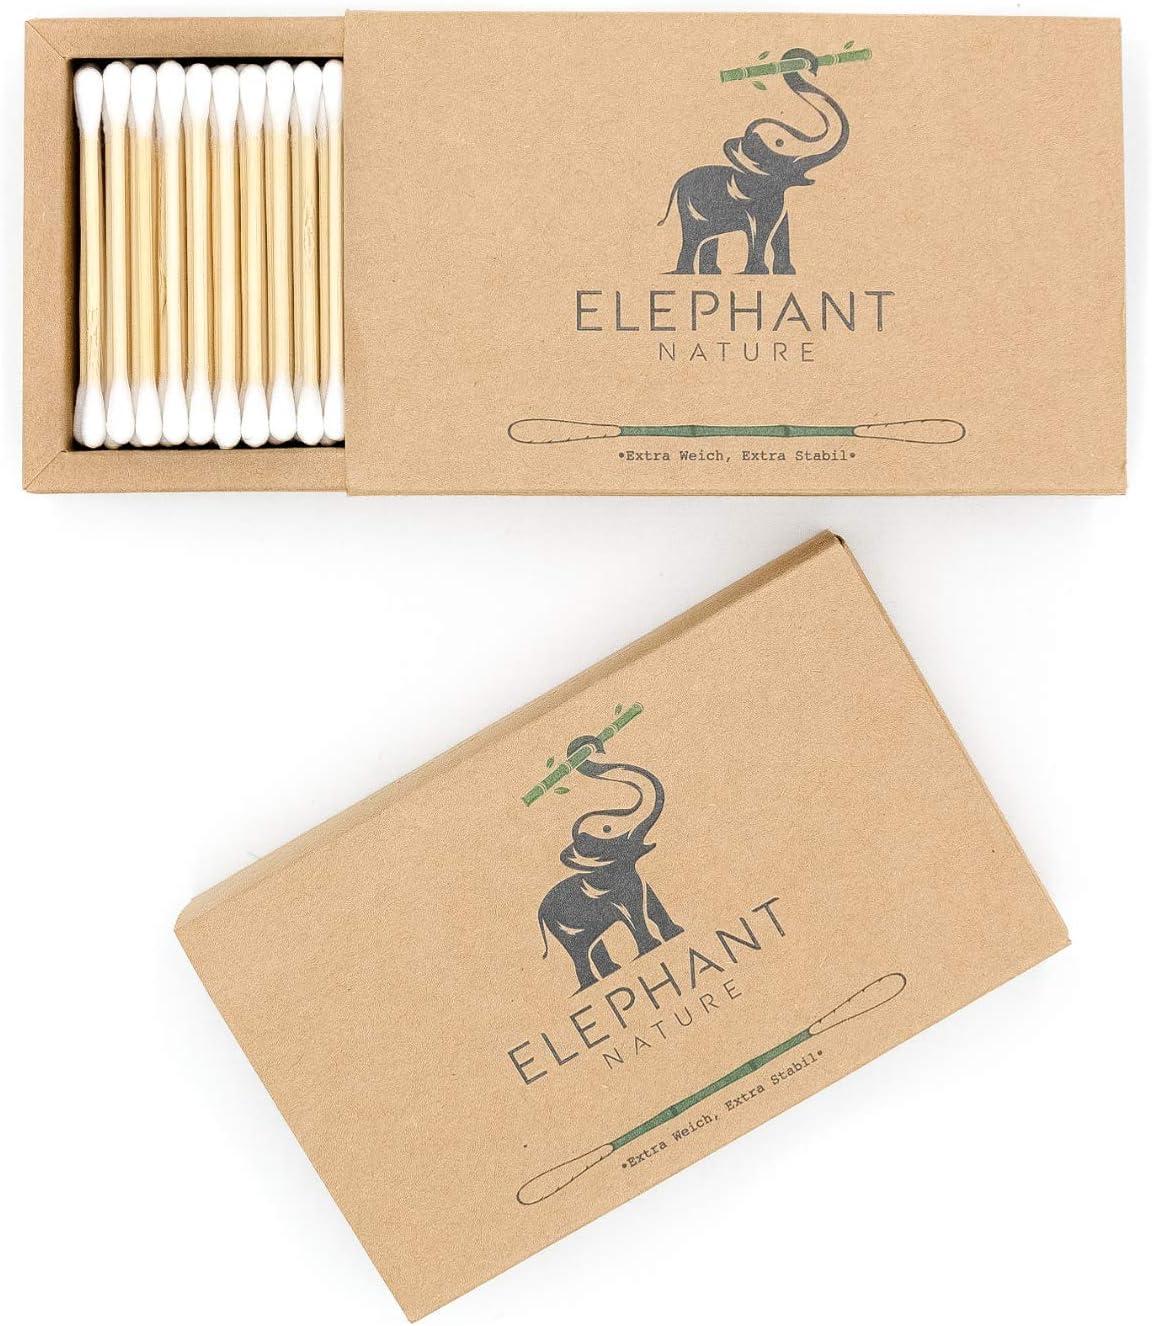 nachhaltig Biobaumwolle 400 St/ück Ohrenst/äbchen Vegan Plastikfrei ELEPHANT NATURE Wattest/äbchen aus Bambus kompostierbar